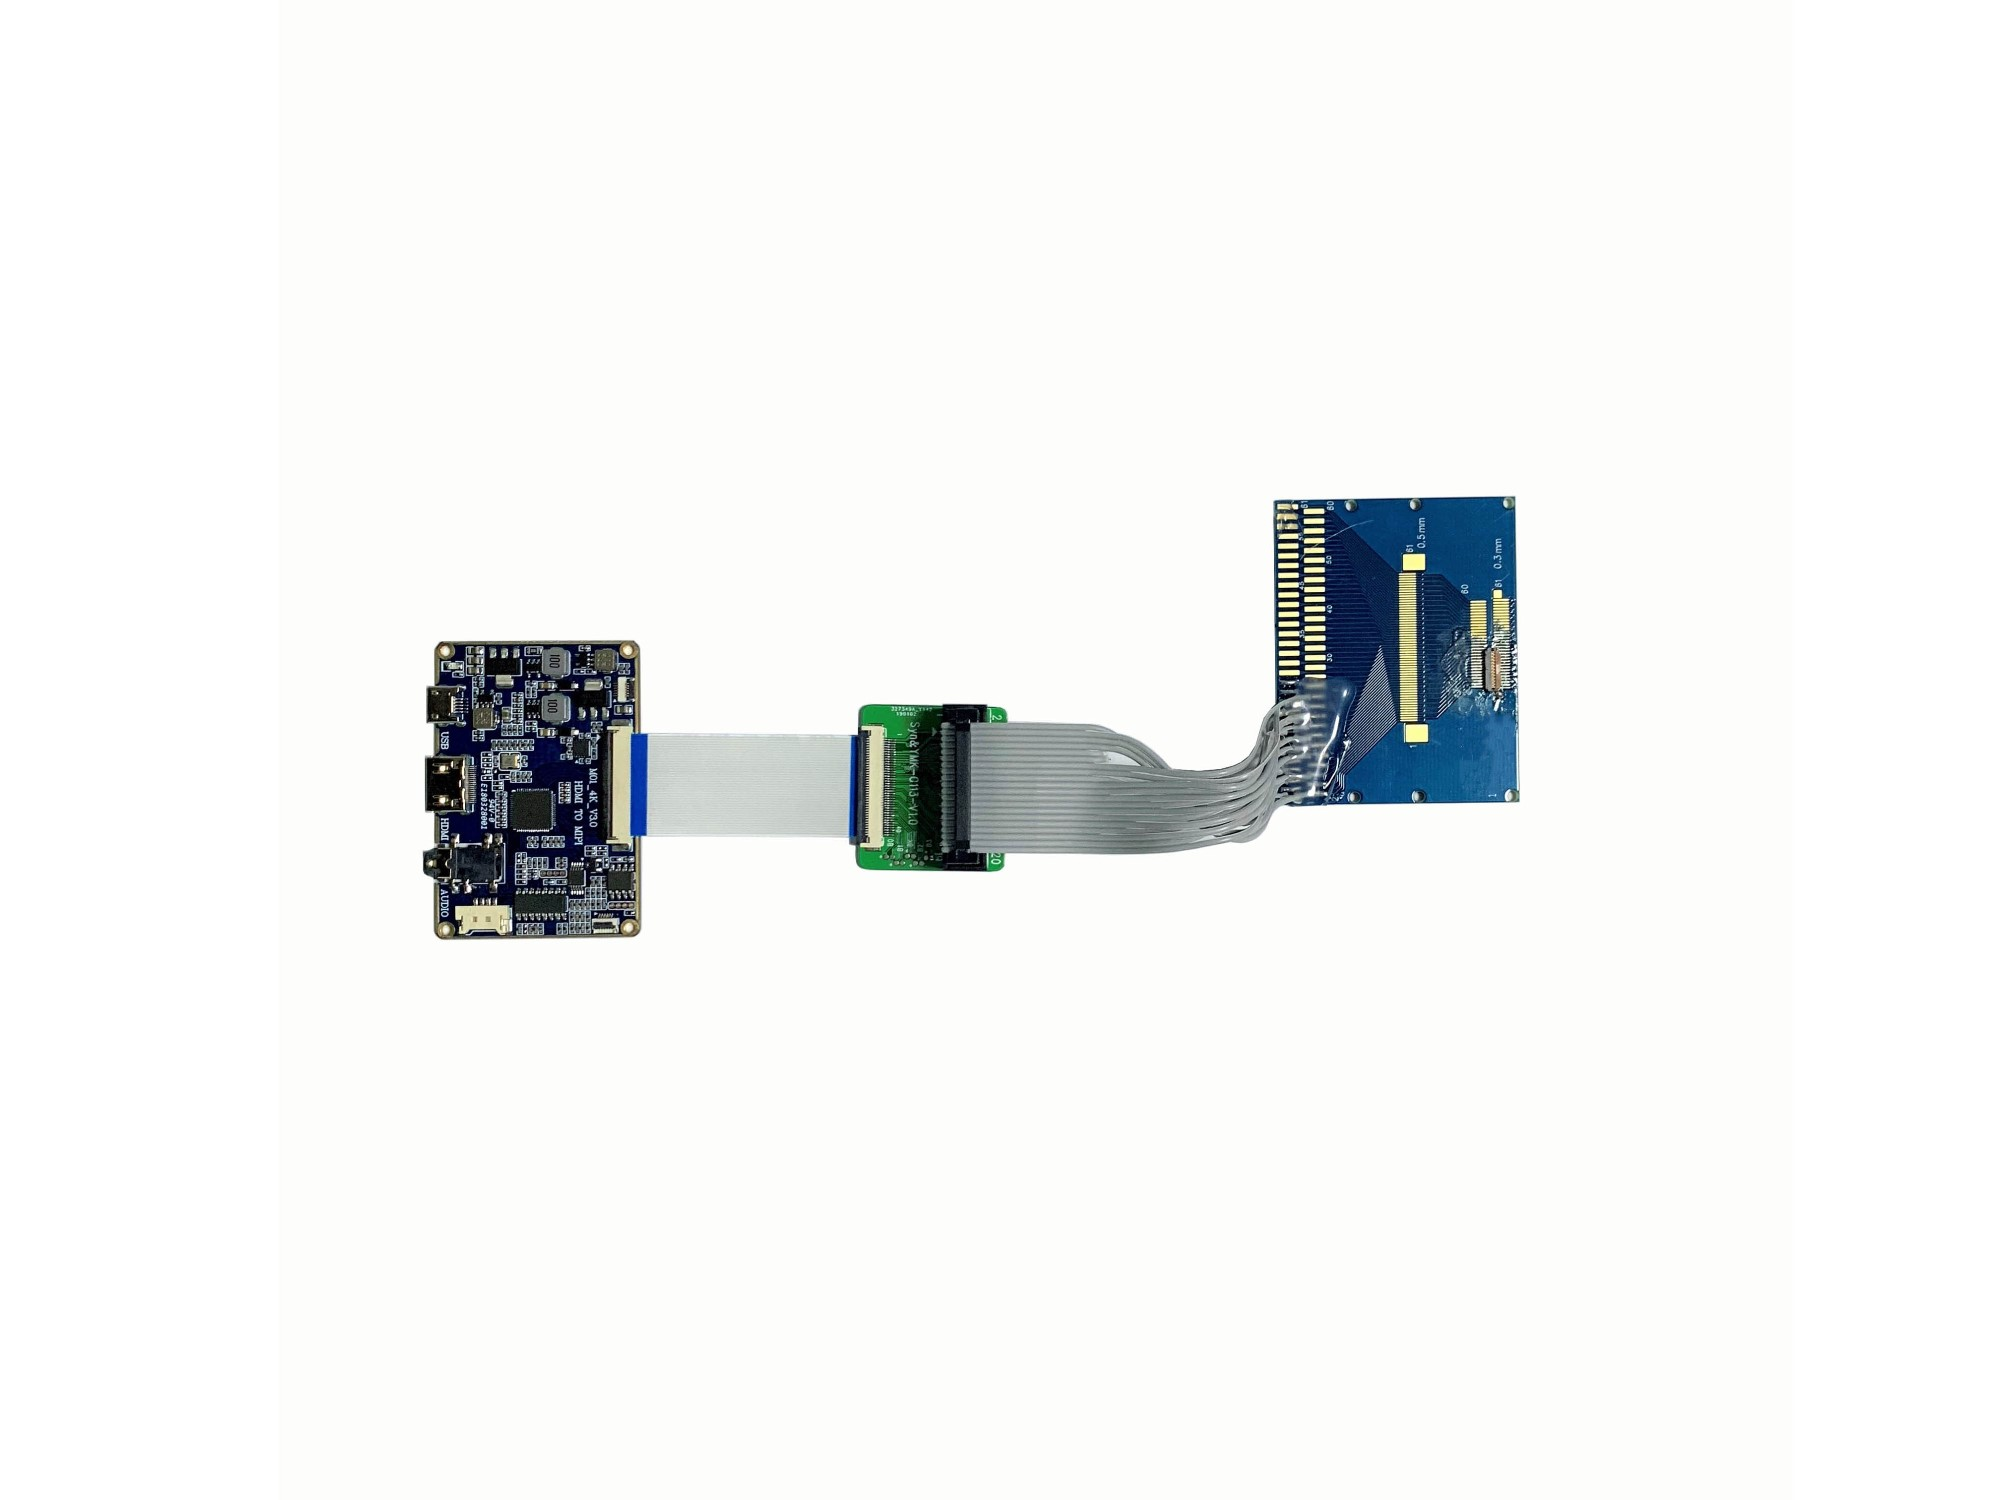 購入720x1440解像度のMIPI IPS画面を備えた6.0インチTFT LCDディスプレイ,720x1440解像度のMIPI IPS画面を備えた6.0インチTFT LCDディスプレイ価格,720x1440解像度のMIPI IPS画面を備えた6.0インチTFT LCDディスプレイブランド,720x1440解像度のMIPI IPS画面を備えた6.0インチTFT LCDディスプレイメーカー,720x1440解像度のMIPI IPS画面を備えた6.0インチTFT LCDディスプレイ市場,720x1440解像度のMIPI IPS画面を備えた6.0インチTFT LCDディスプレイ会社